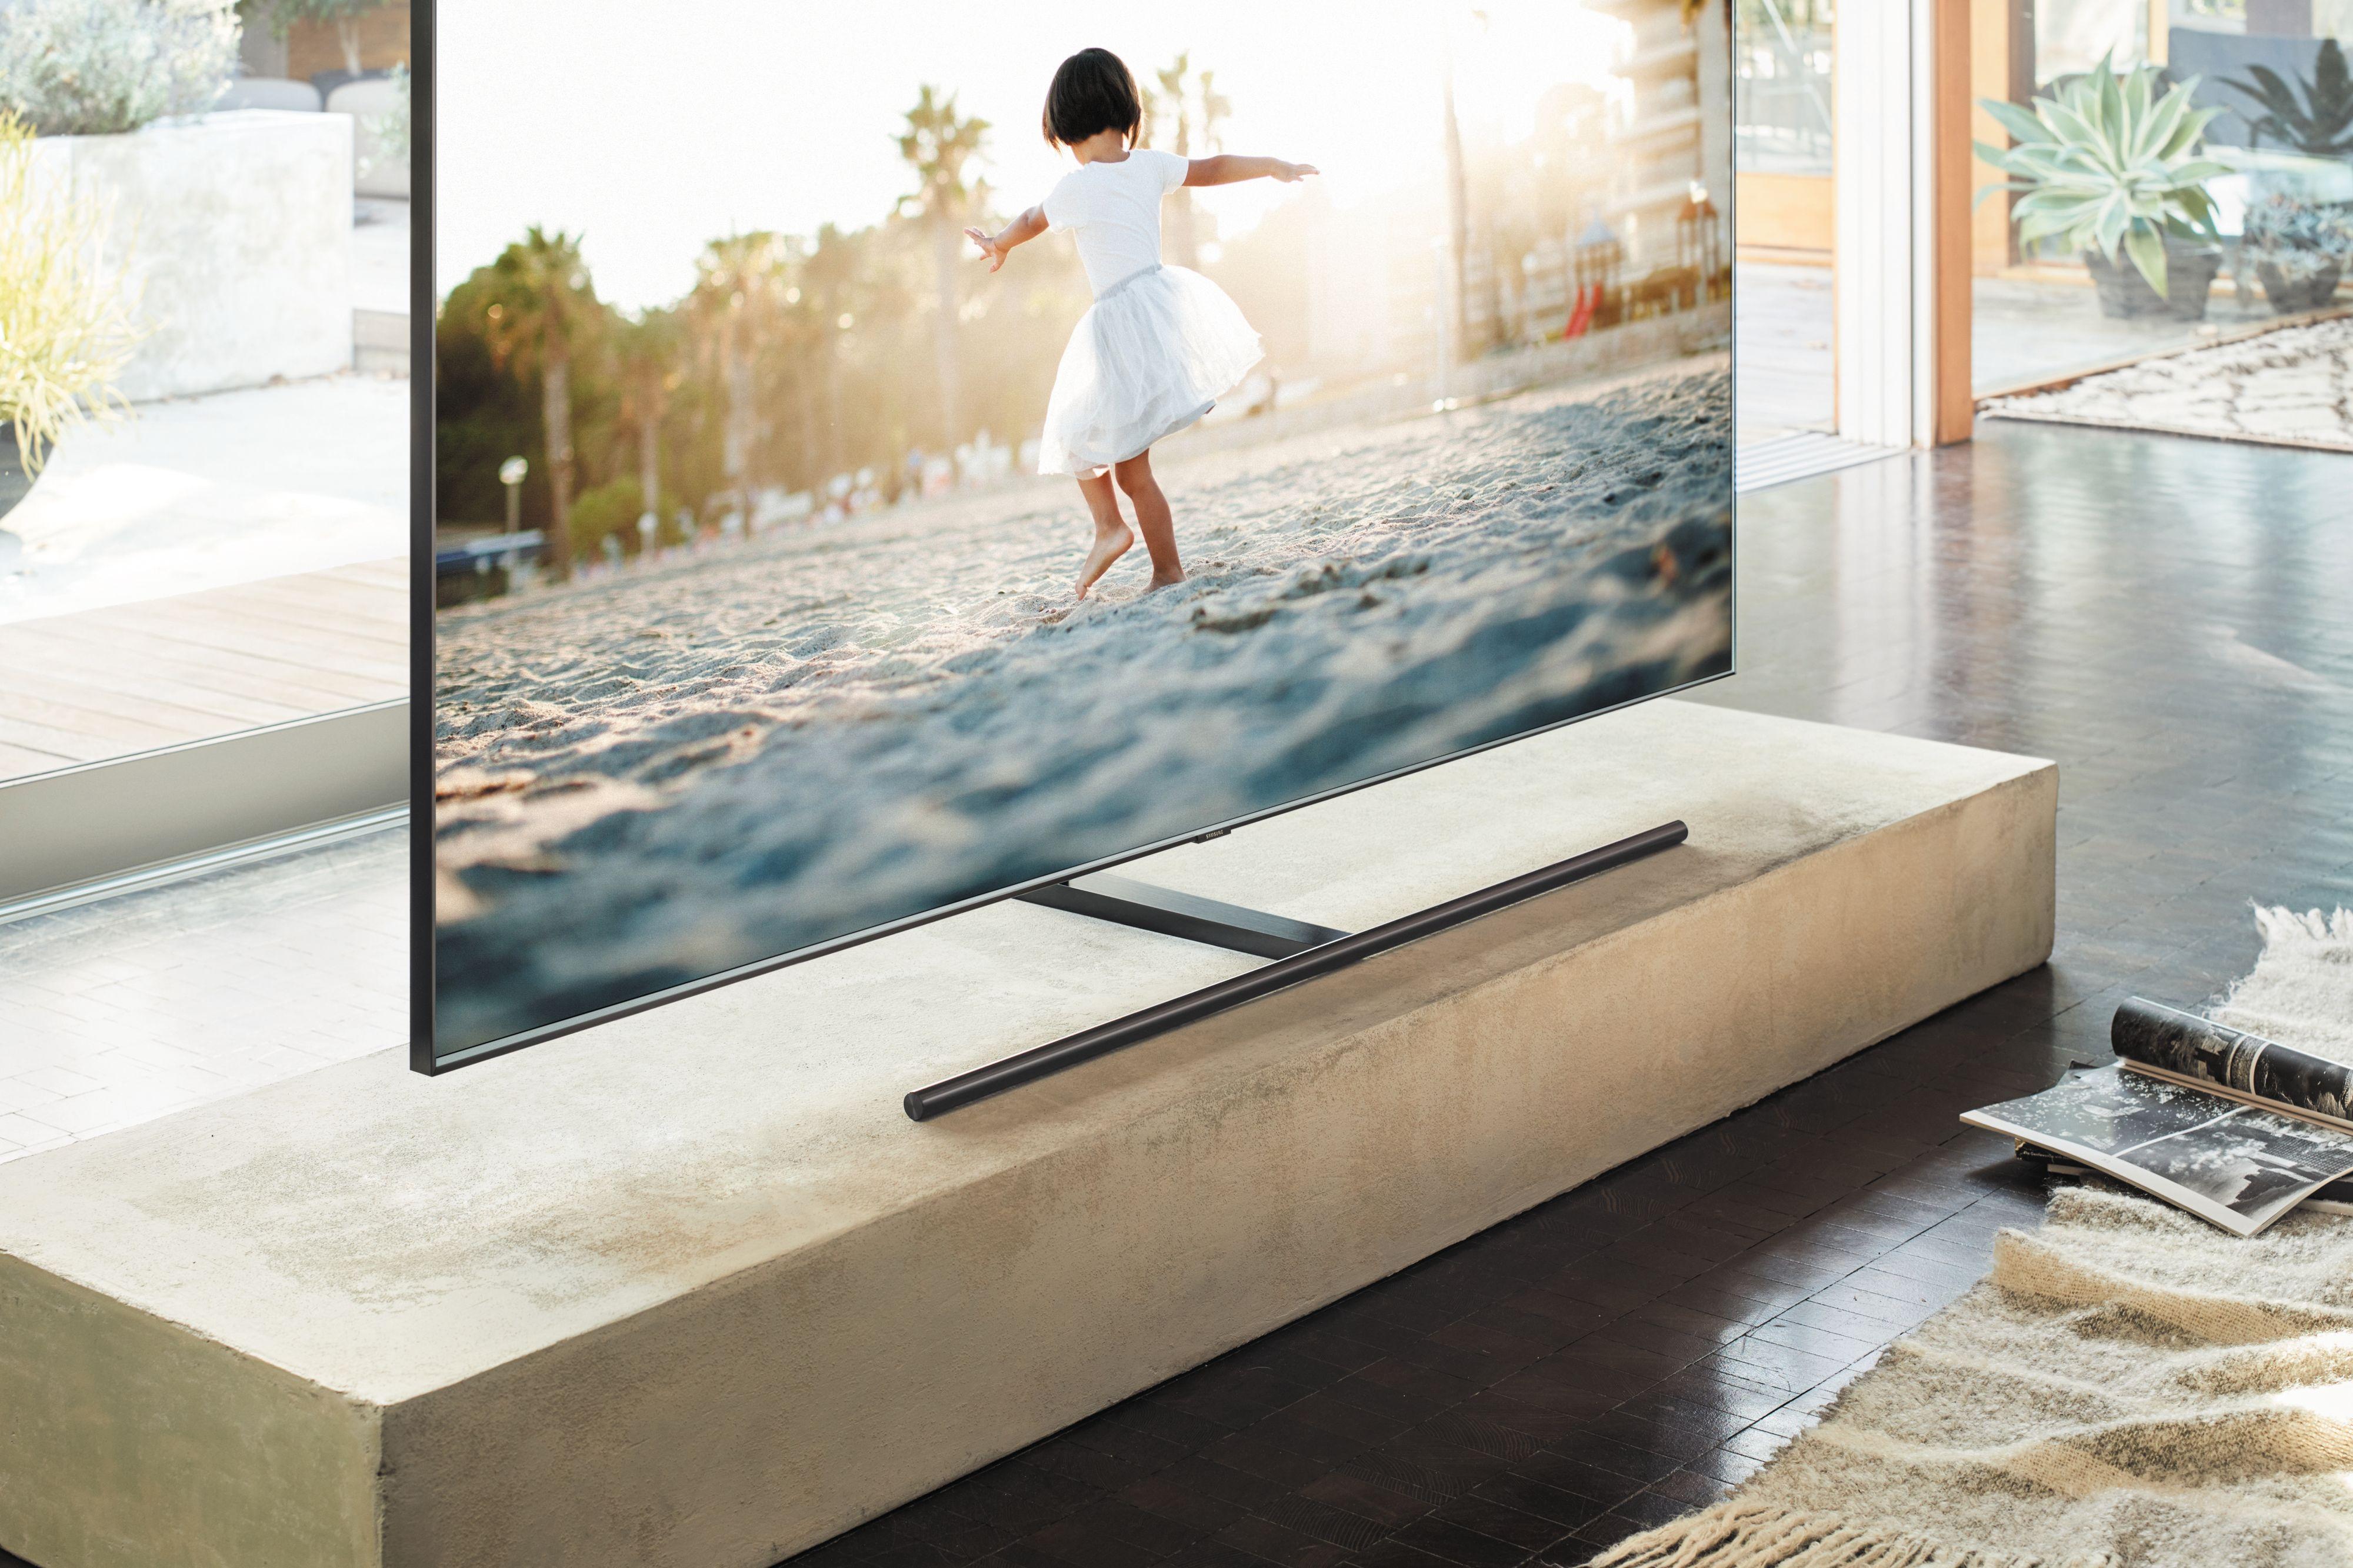 Samsung satser videre på QLED med sin nye toppmodell Q9 i spissen